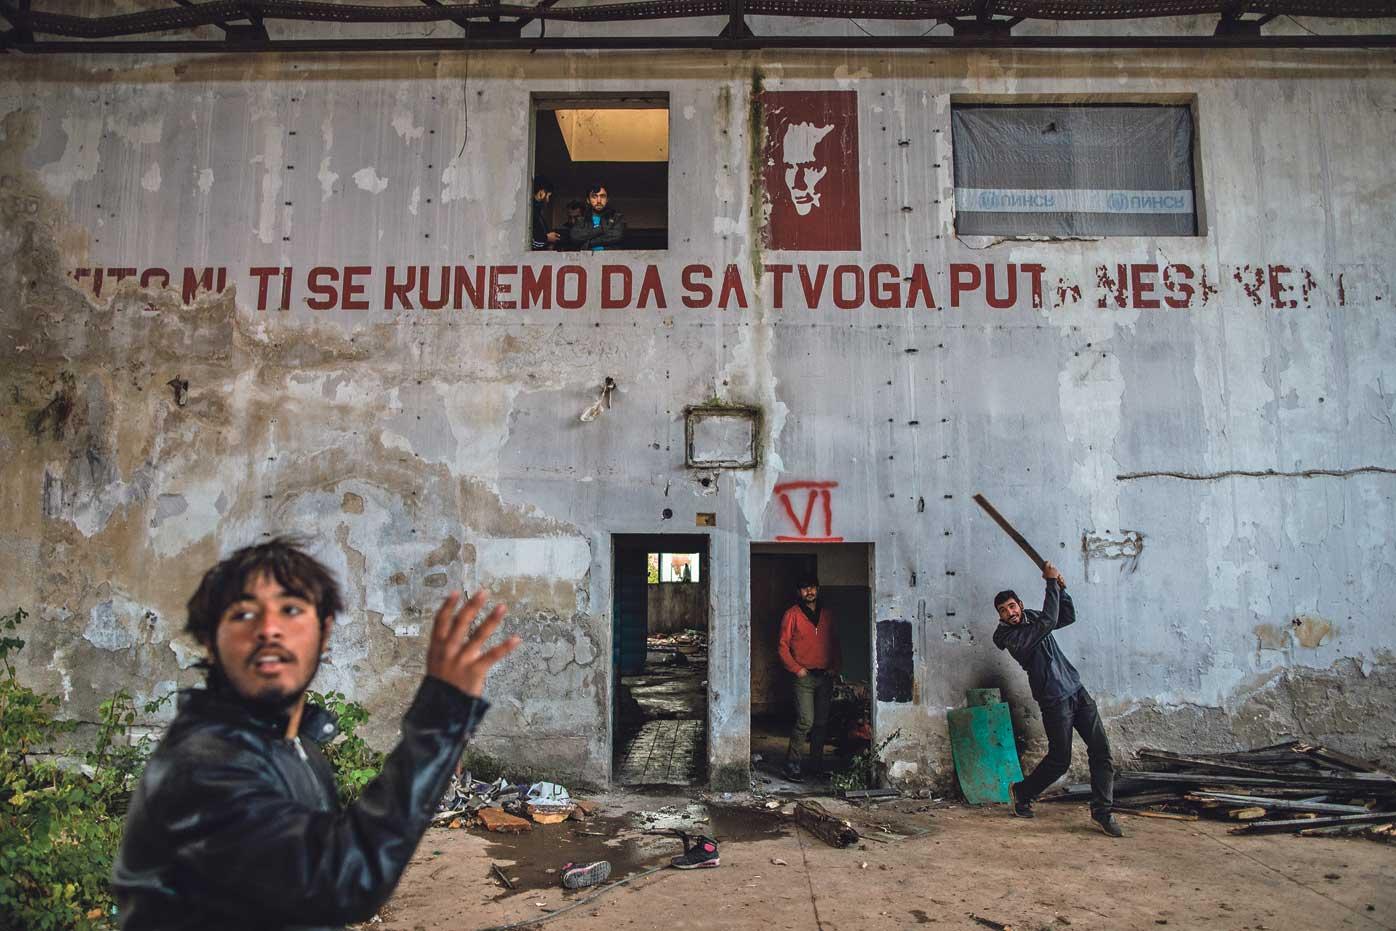 Ispod slike druga Tita i parole uobičajene za tvornice bivše Jugoslavije timovi iz Pakistana i Afganistana igraju kriket. Između pokušaja da se domognu Europe potpuno devastirana tvornica u predgrađu Bihaća njihov je privremeni dom, a njezina golema proizvodna hala teren za kriket